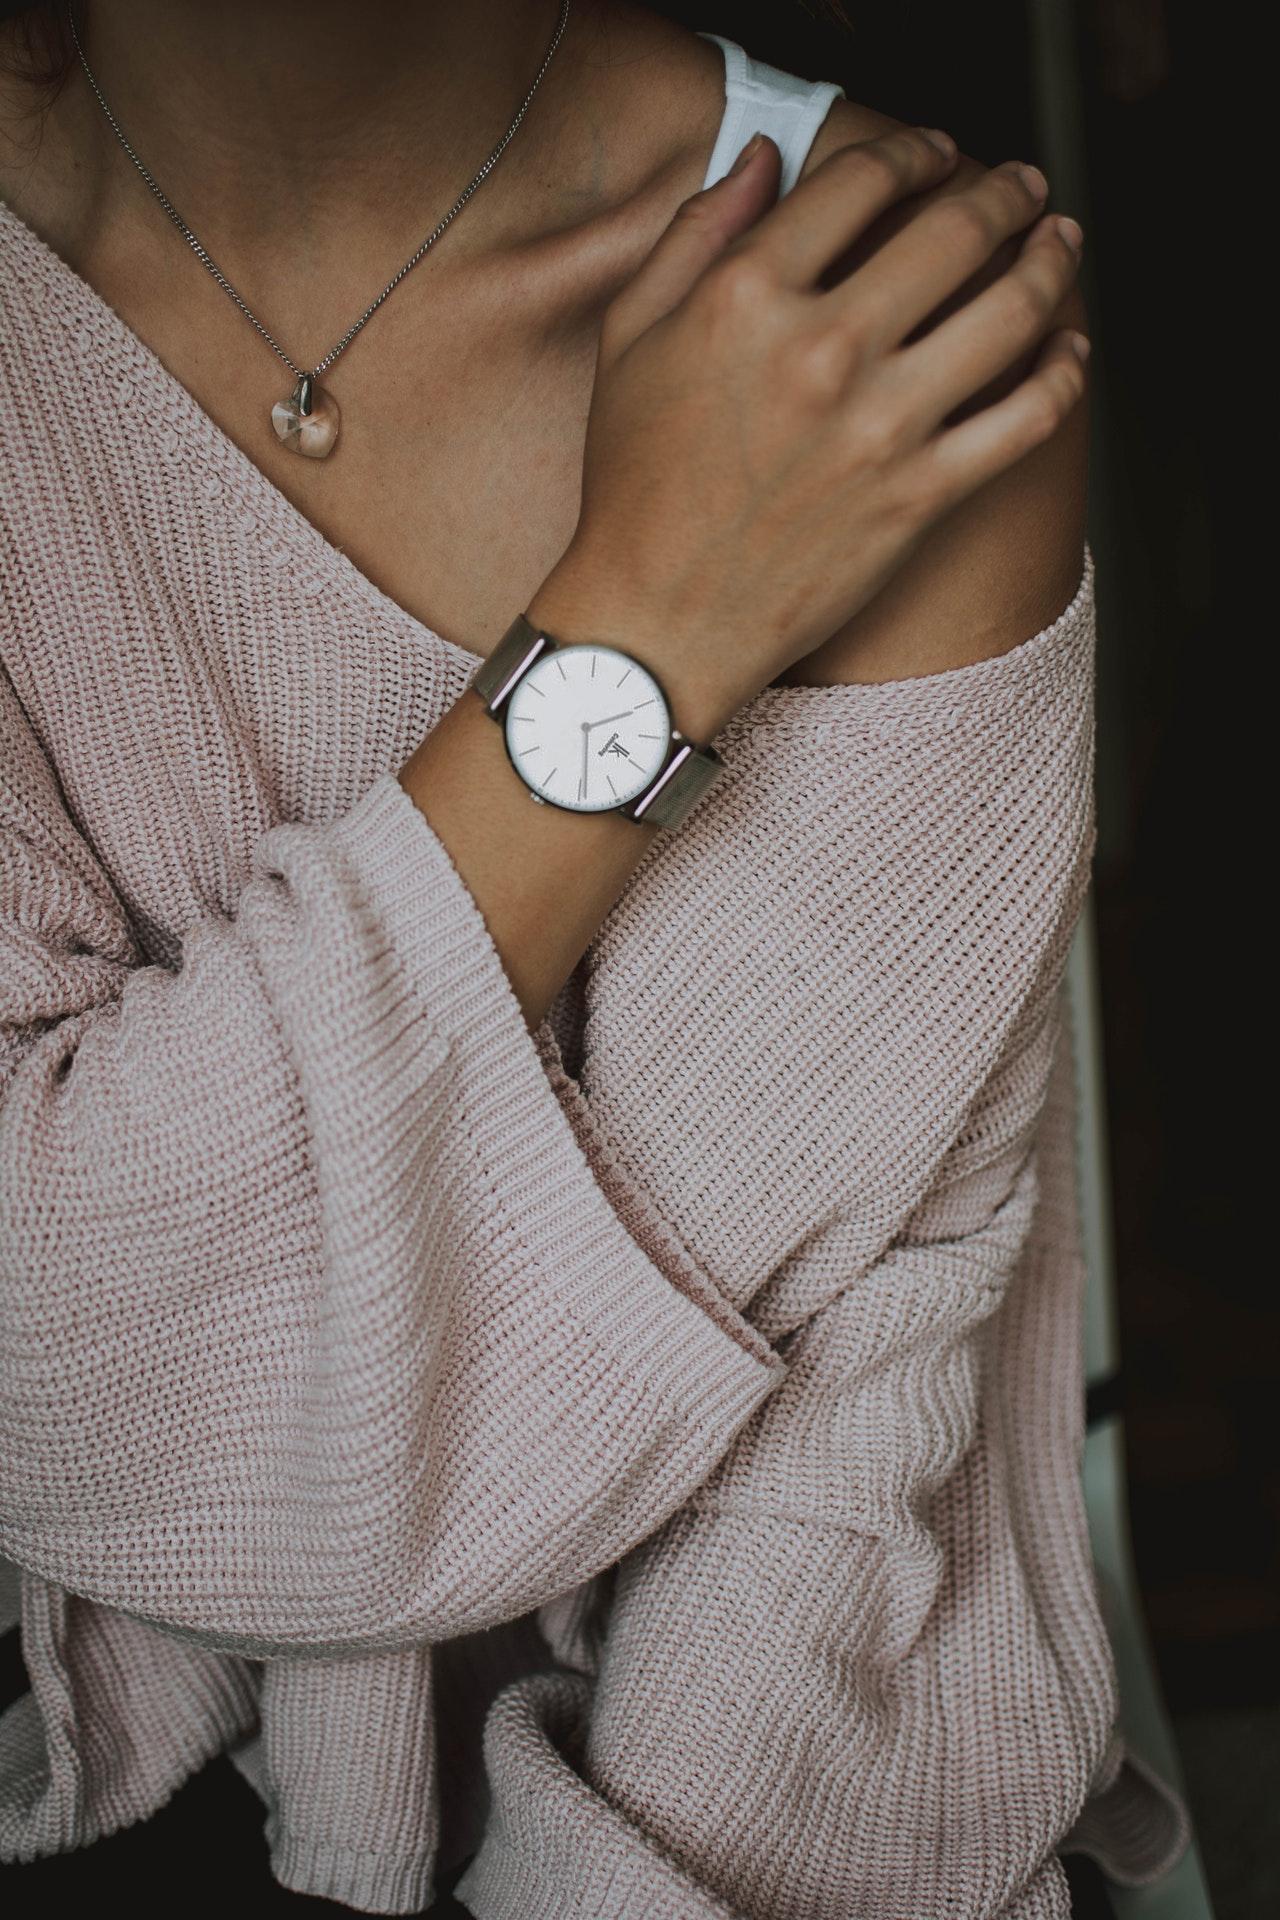 Efektowna biżuteria – celebrytki